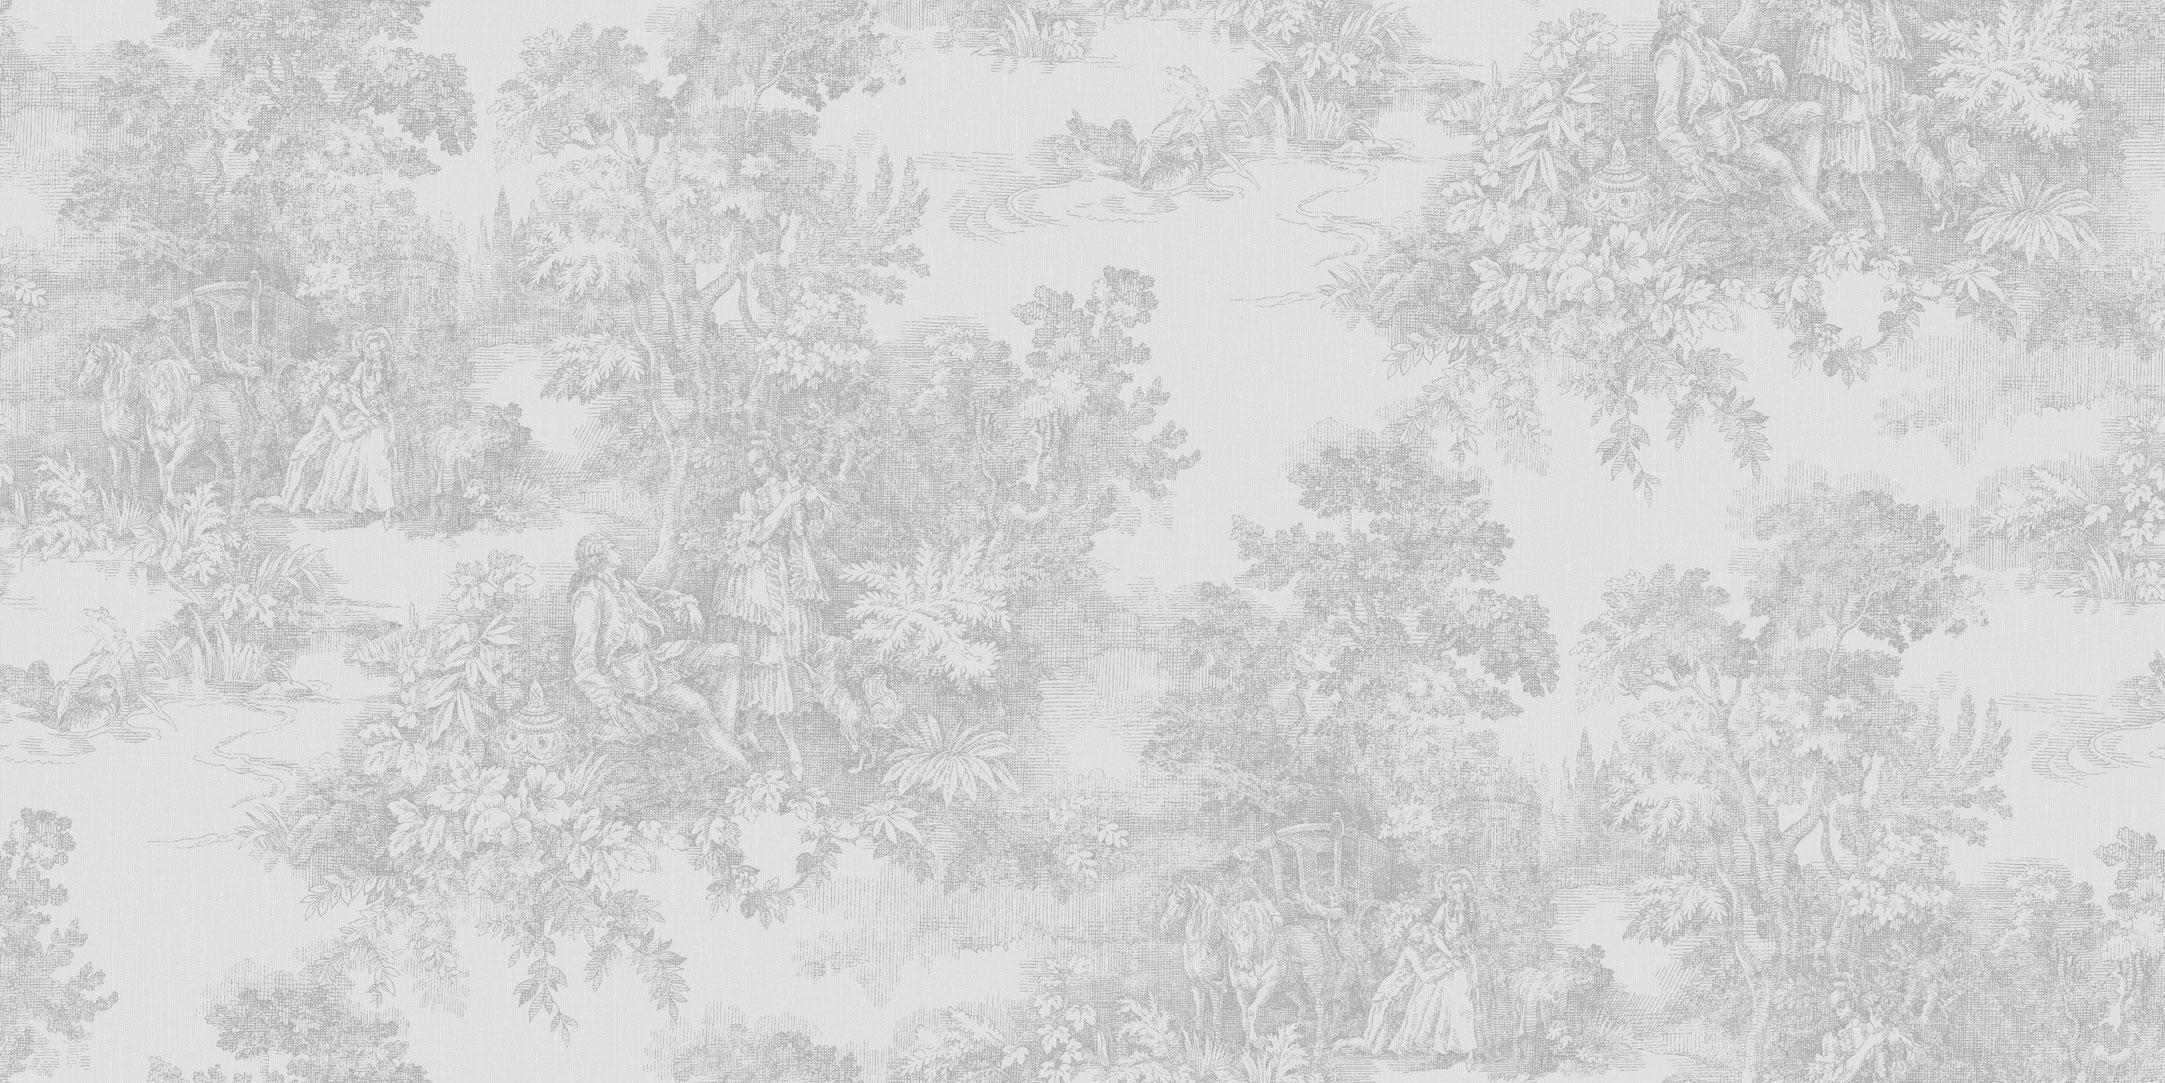 Картинки однолетние цветковые растения история